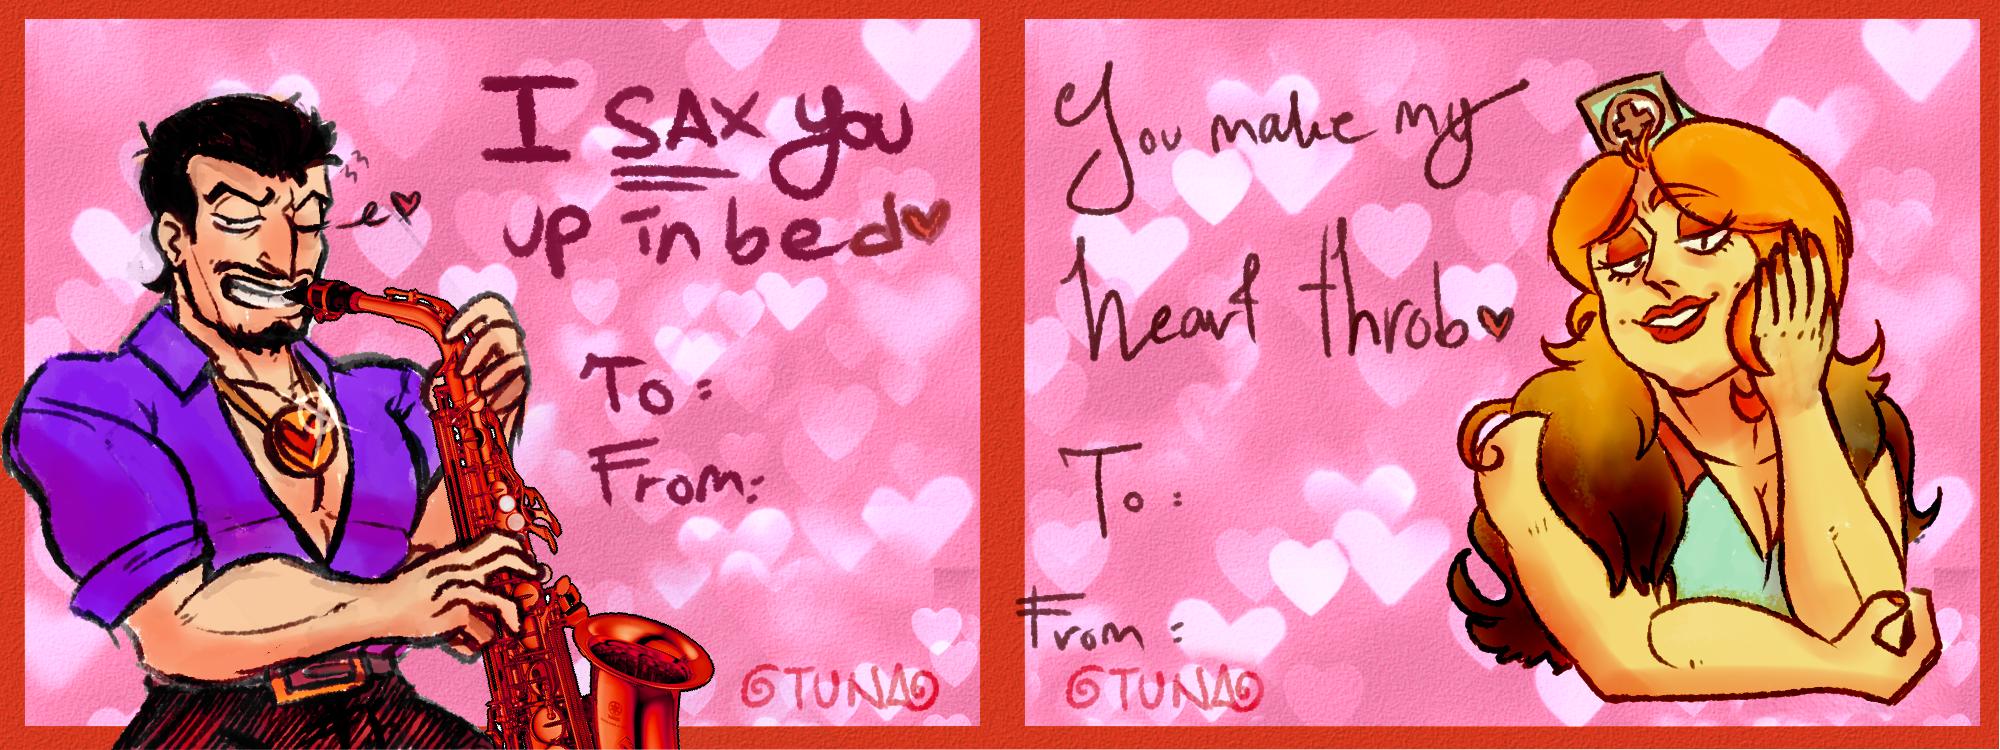 Amateur Surgeon Valentine Cards by MustachioTuna on DeviantArt – Digital Valentine Card